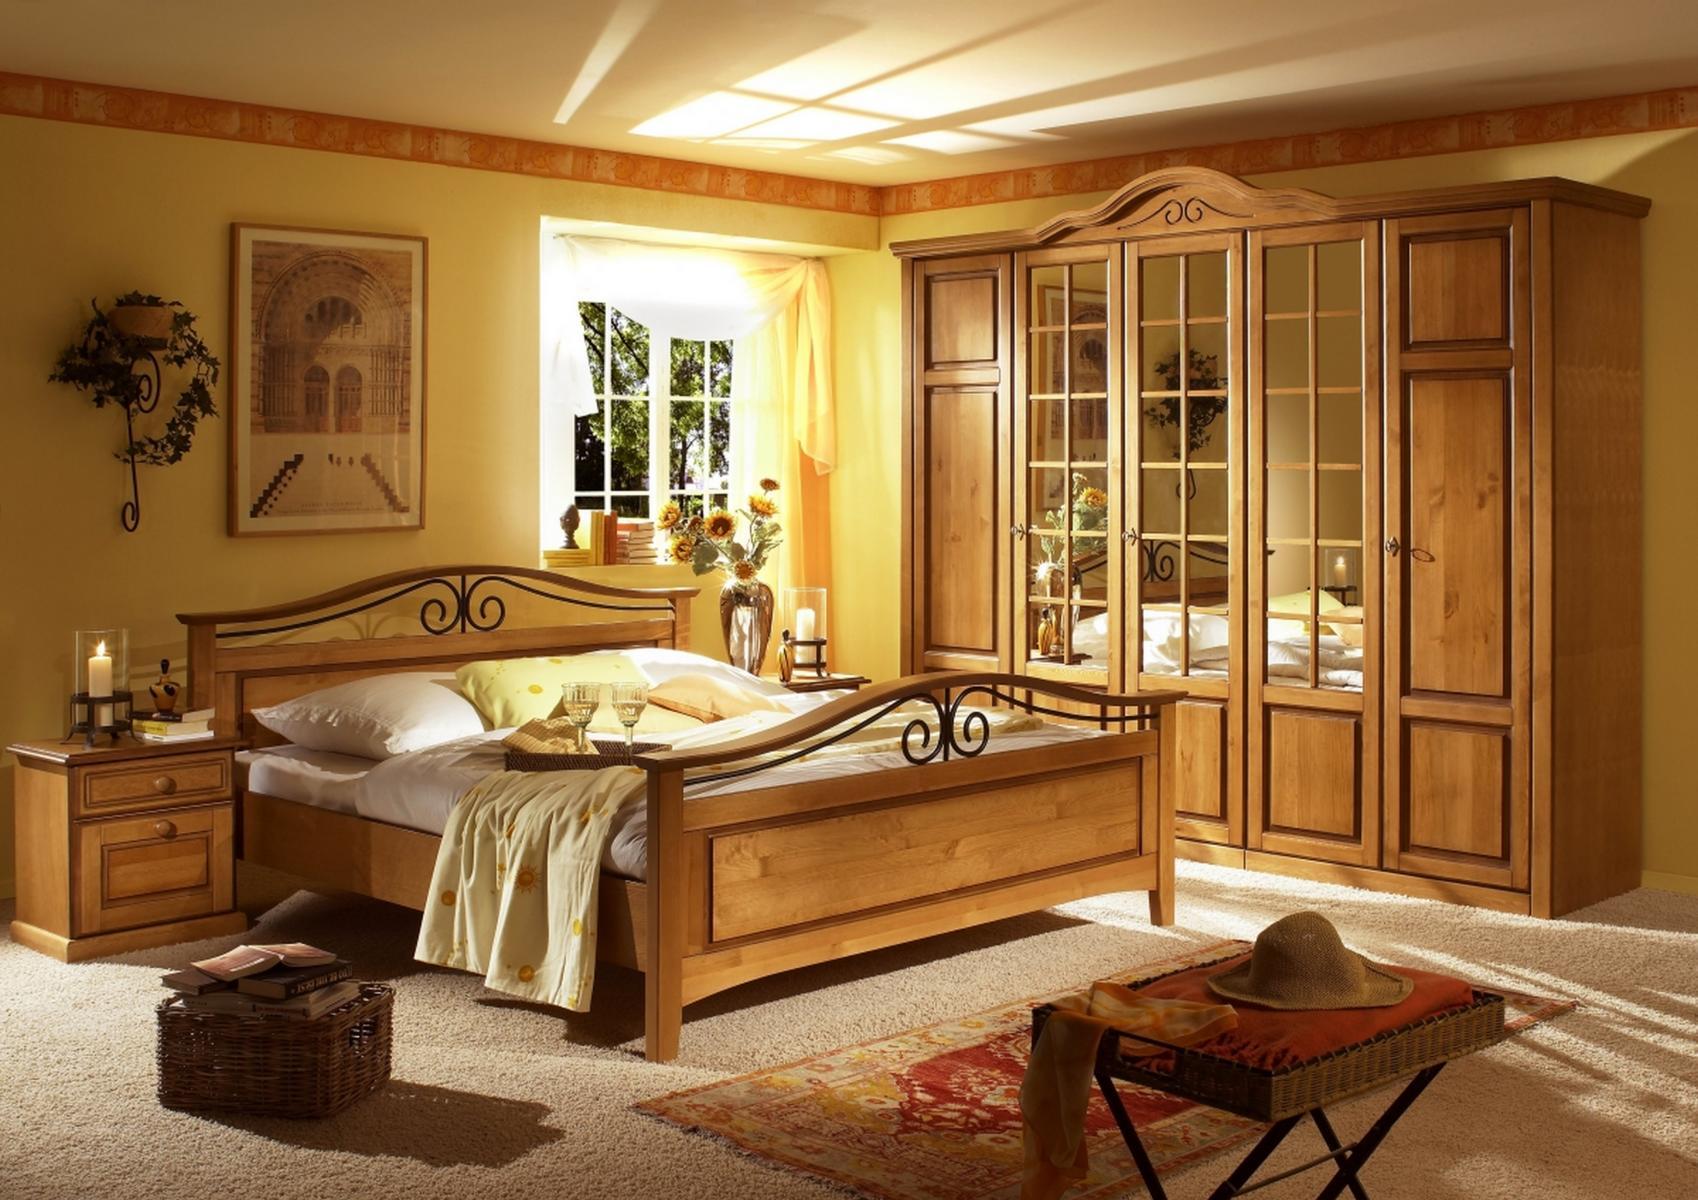 Schon Bett 180x200cm Sandra Im Landhausstil In Old Style Honig ...